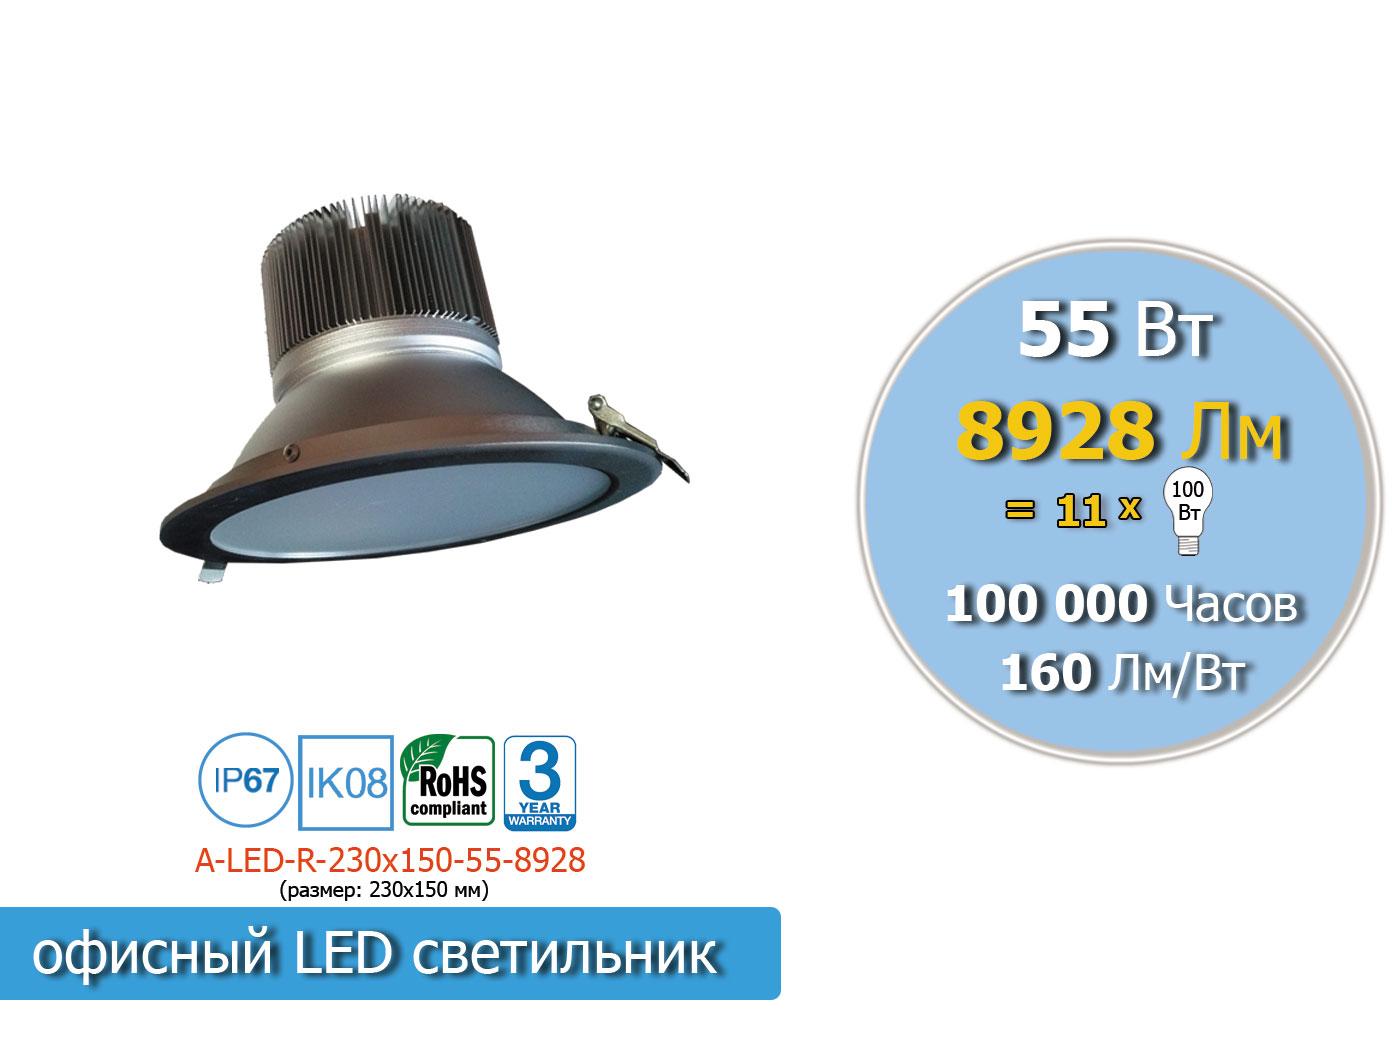 A-LED-R-230x150-55-8928